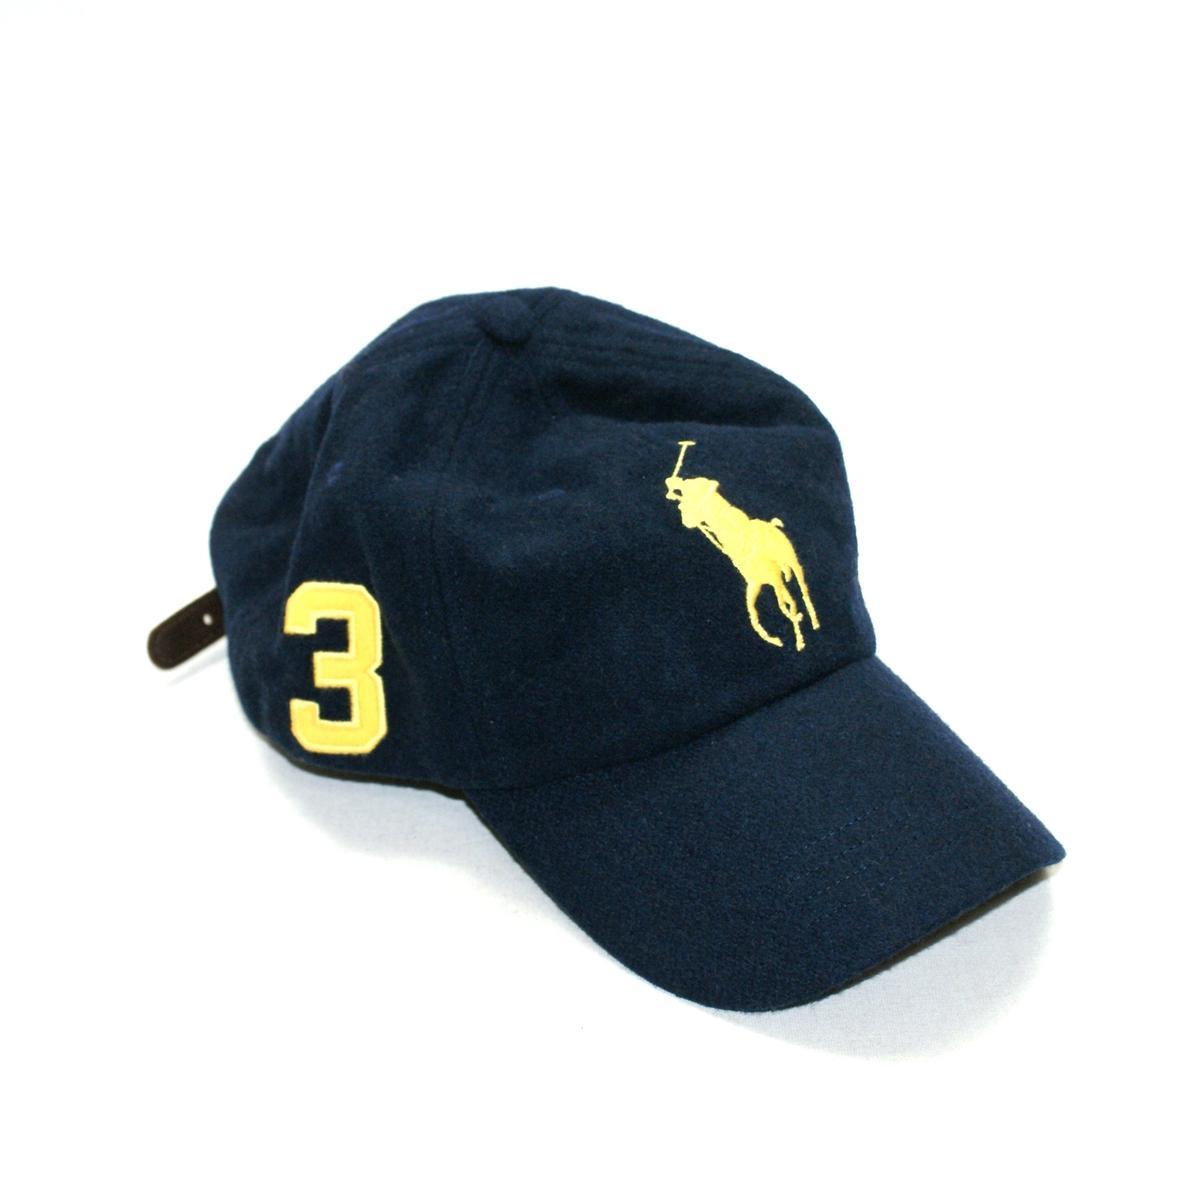 Polo Ralph Lauren Classics Signature Big Pony Navy Blue